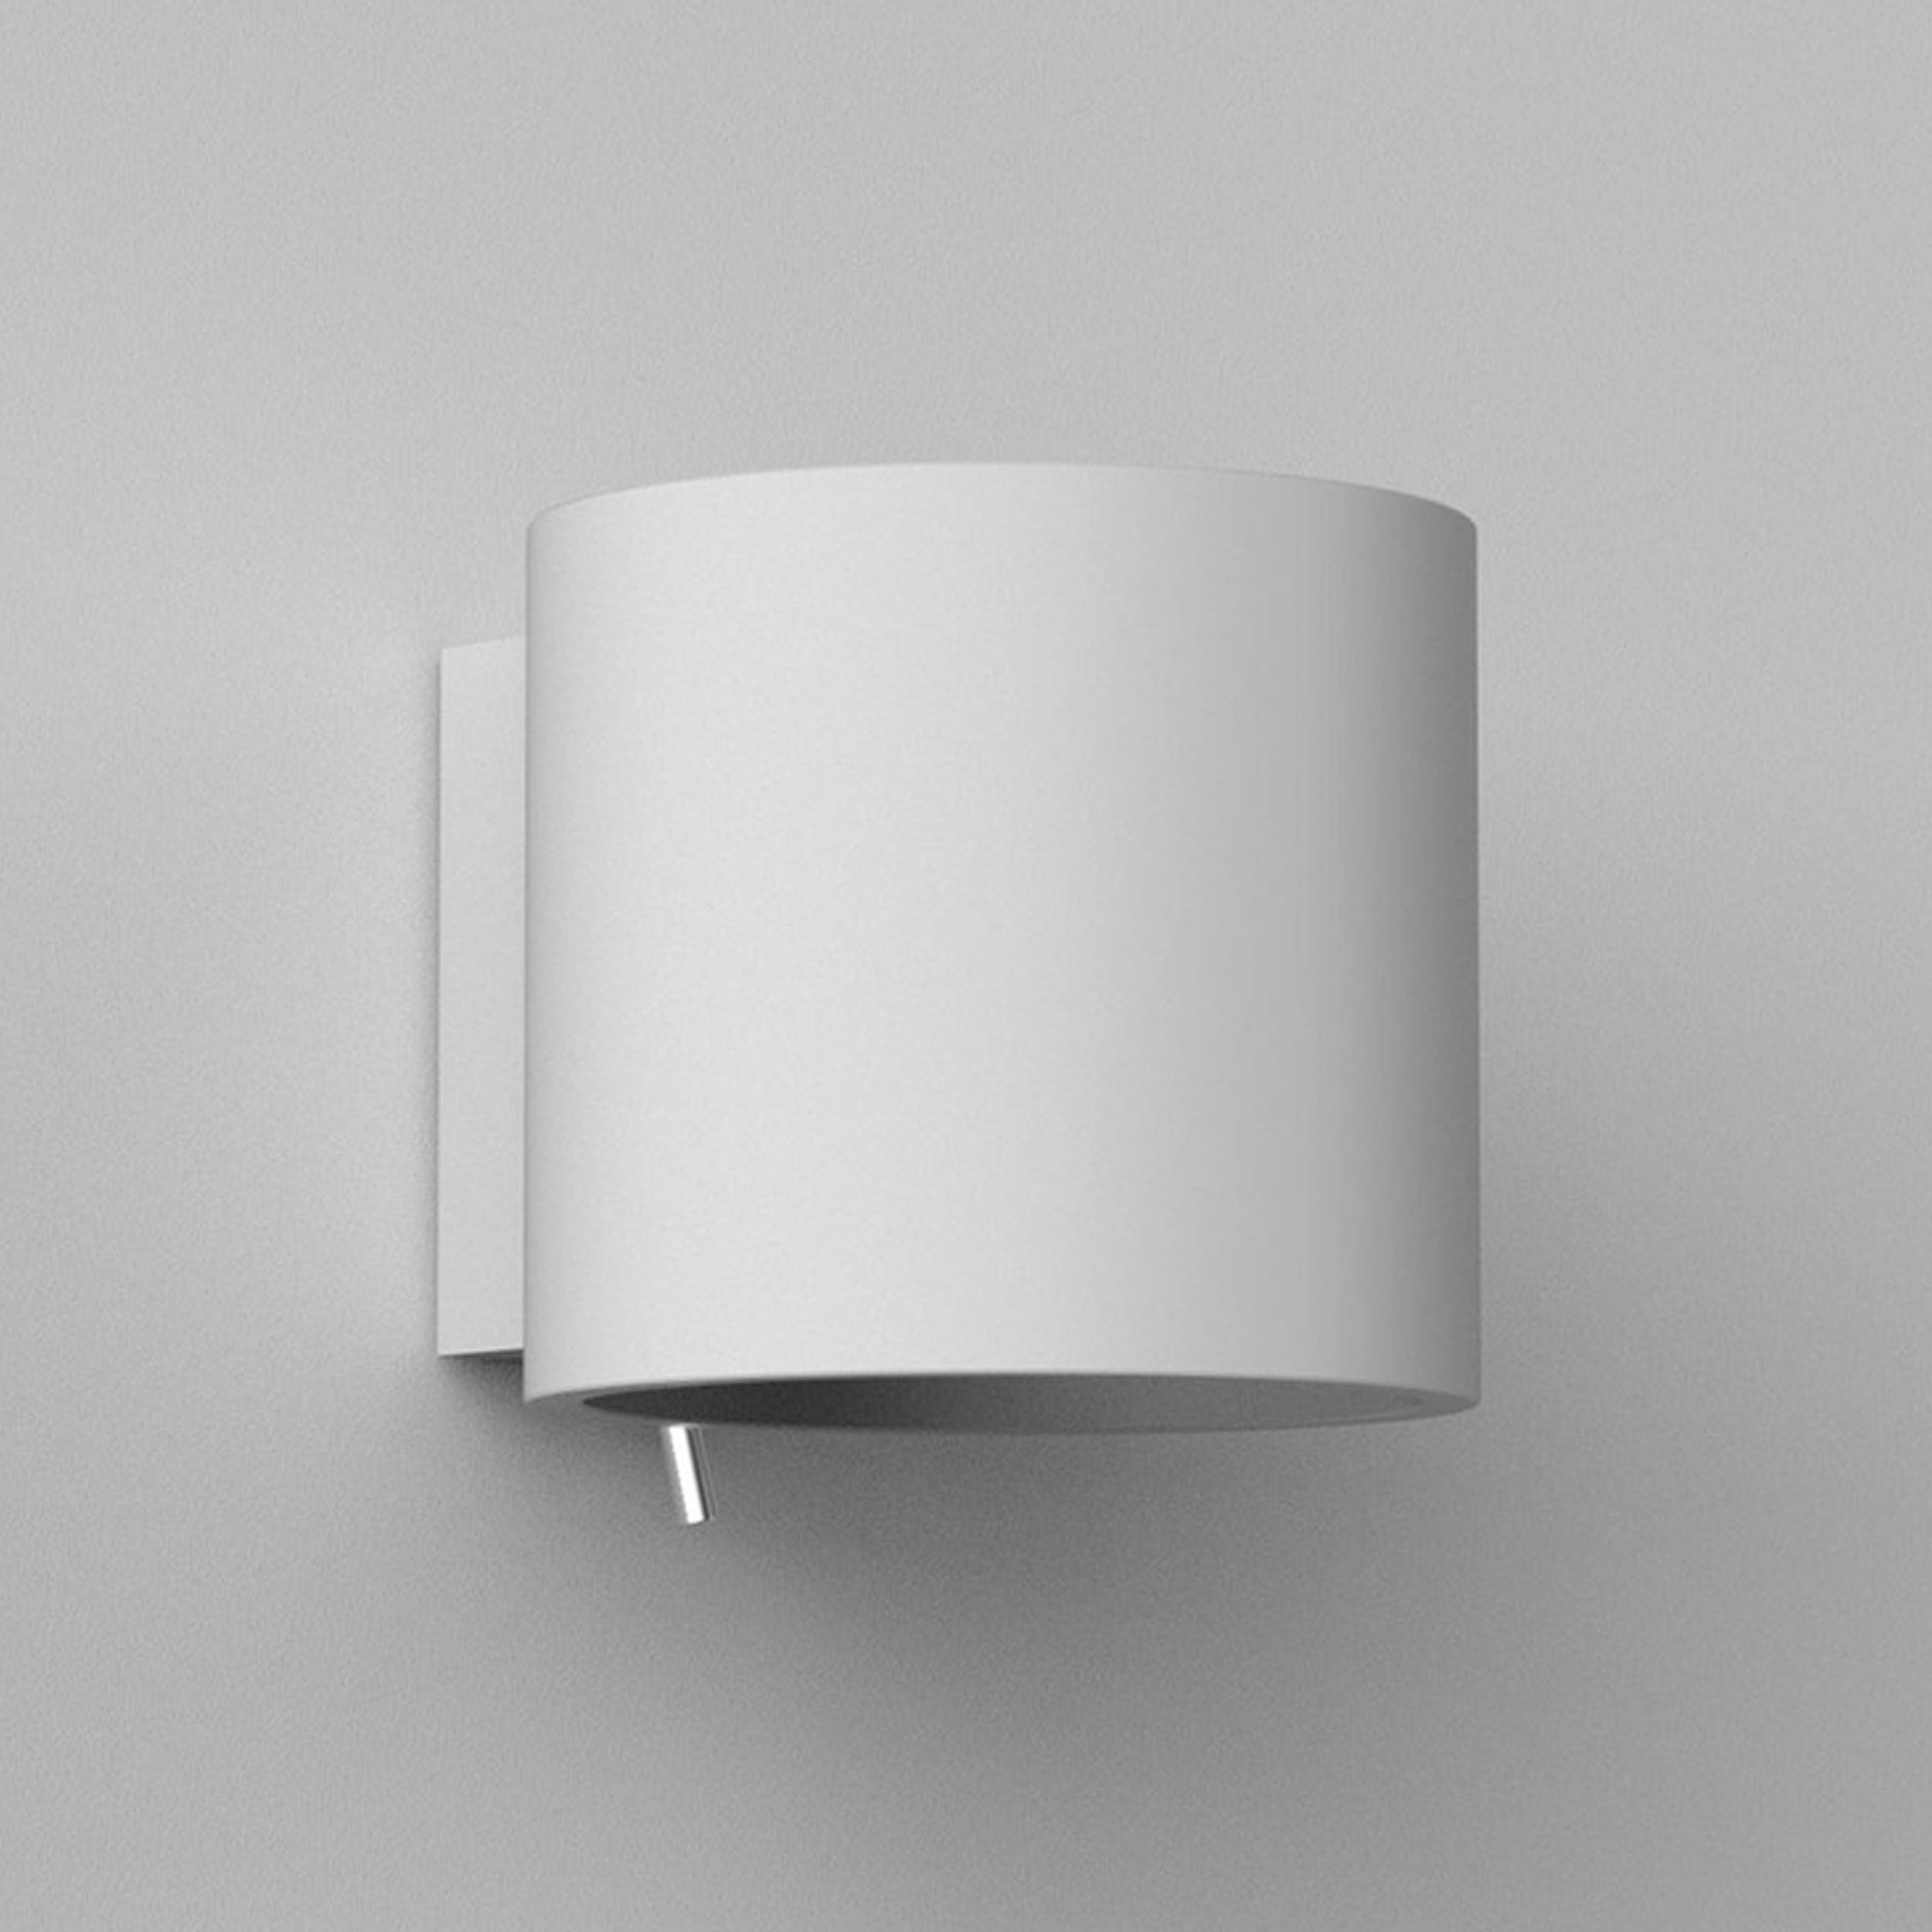 Astro Brenta 130 Wall Light White Plaster C